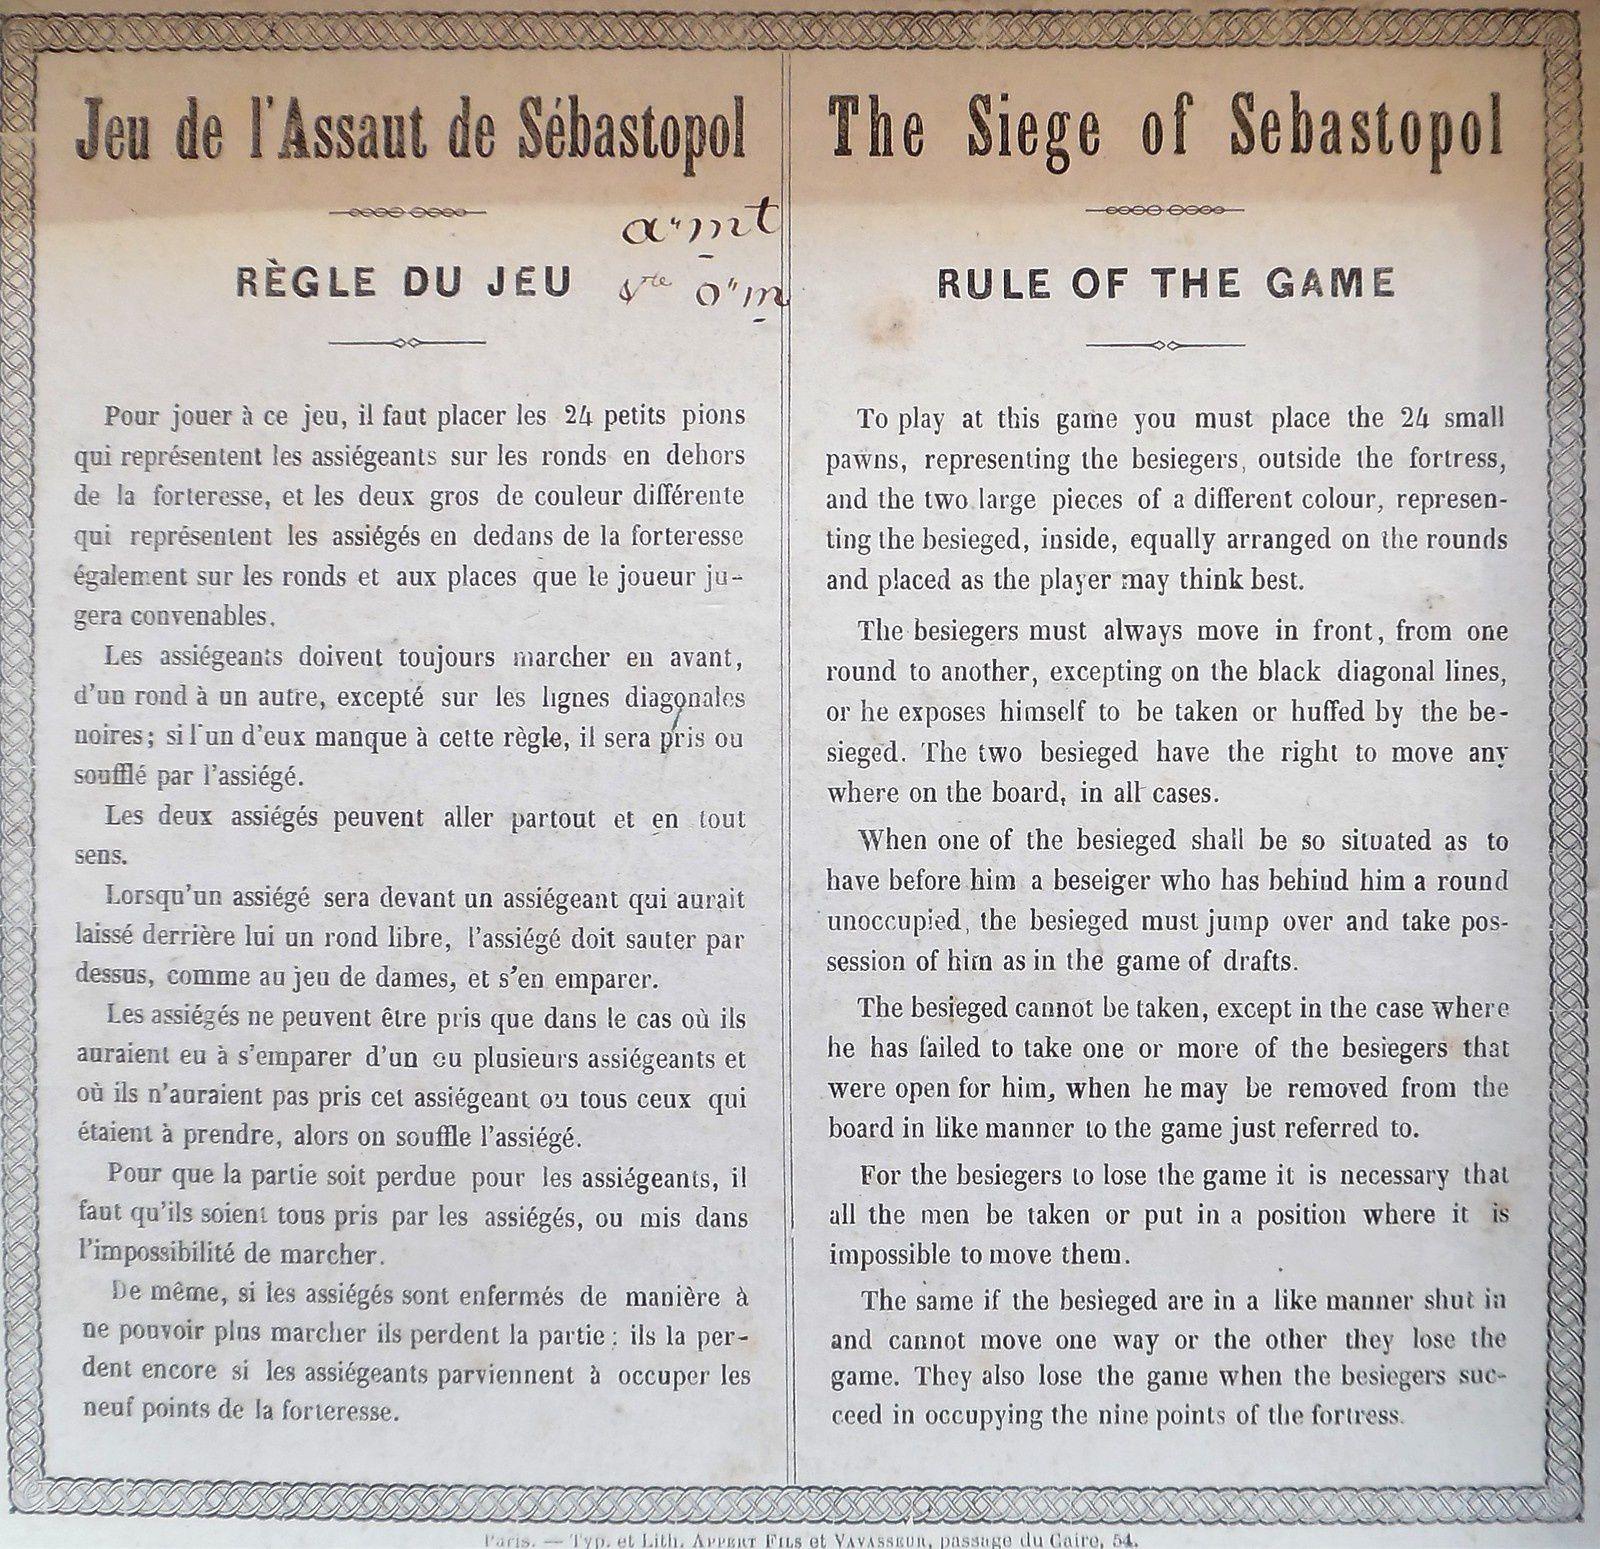 règle du jeu d'assaut donnée par Rousseau en français et en anglais